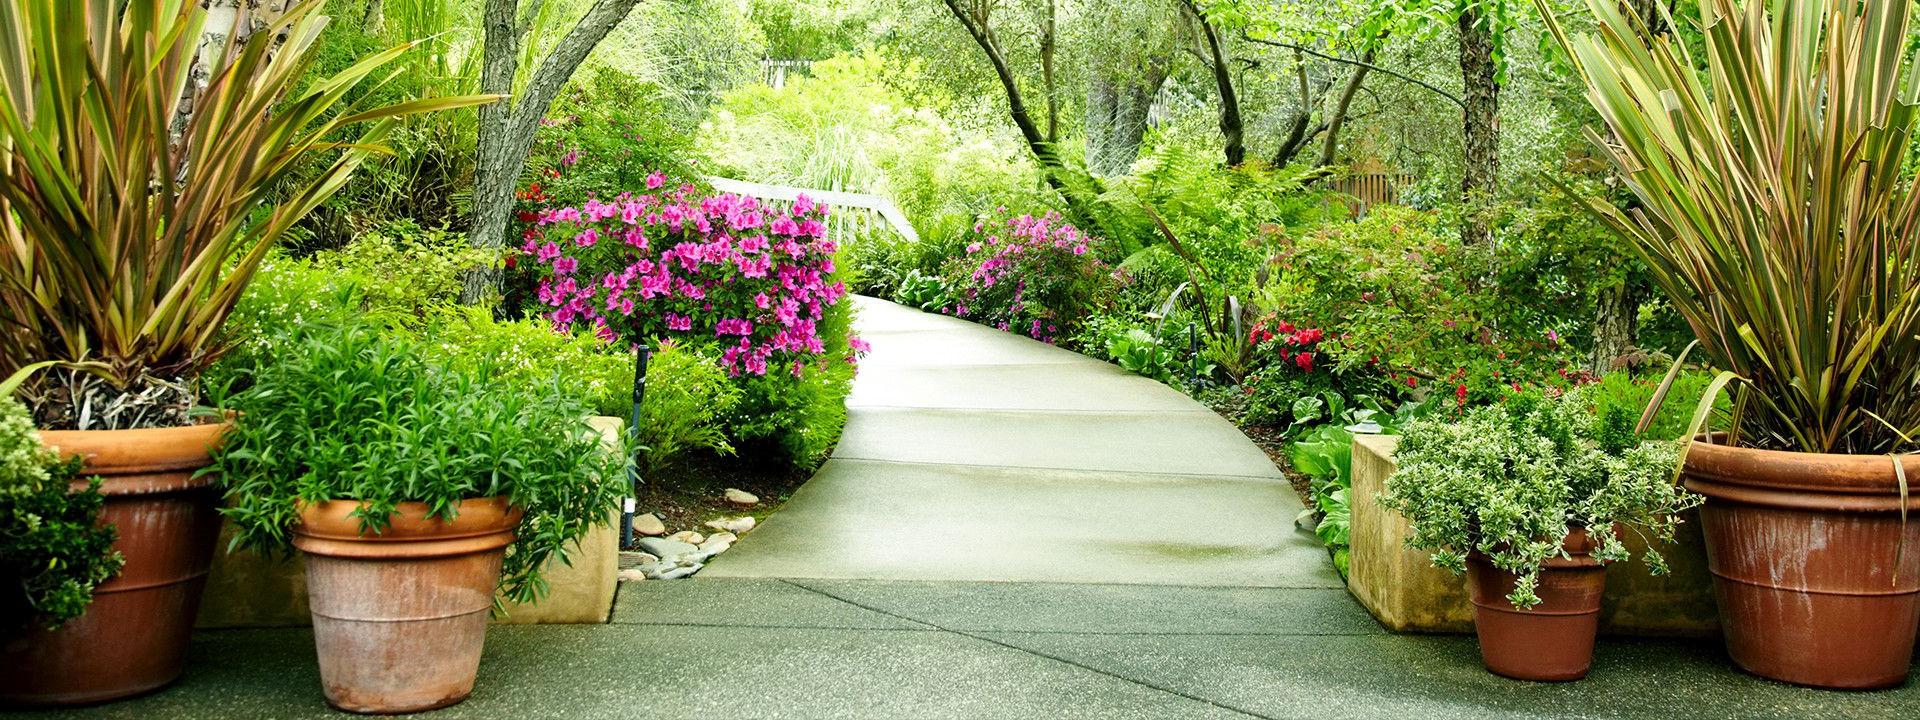 Resources   Trinity Memorial Gardens